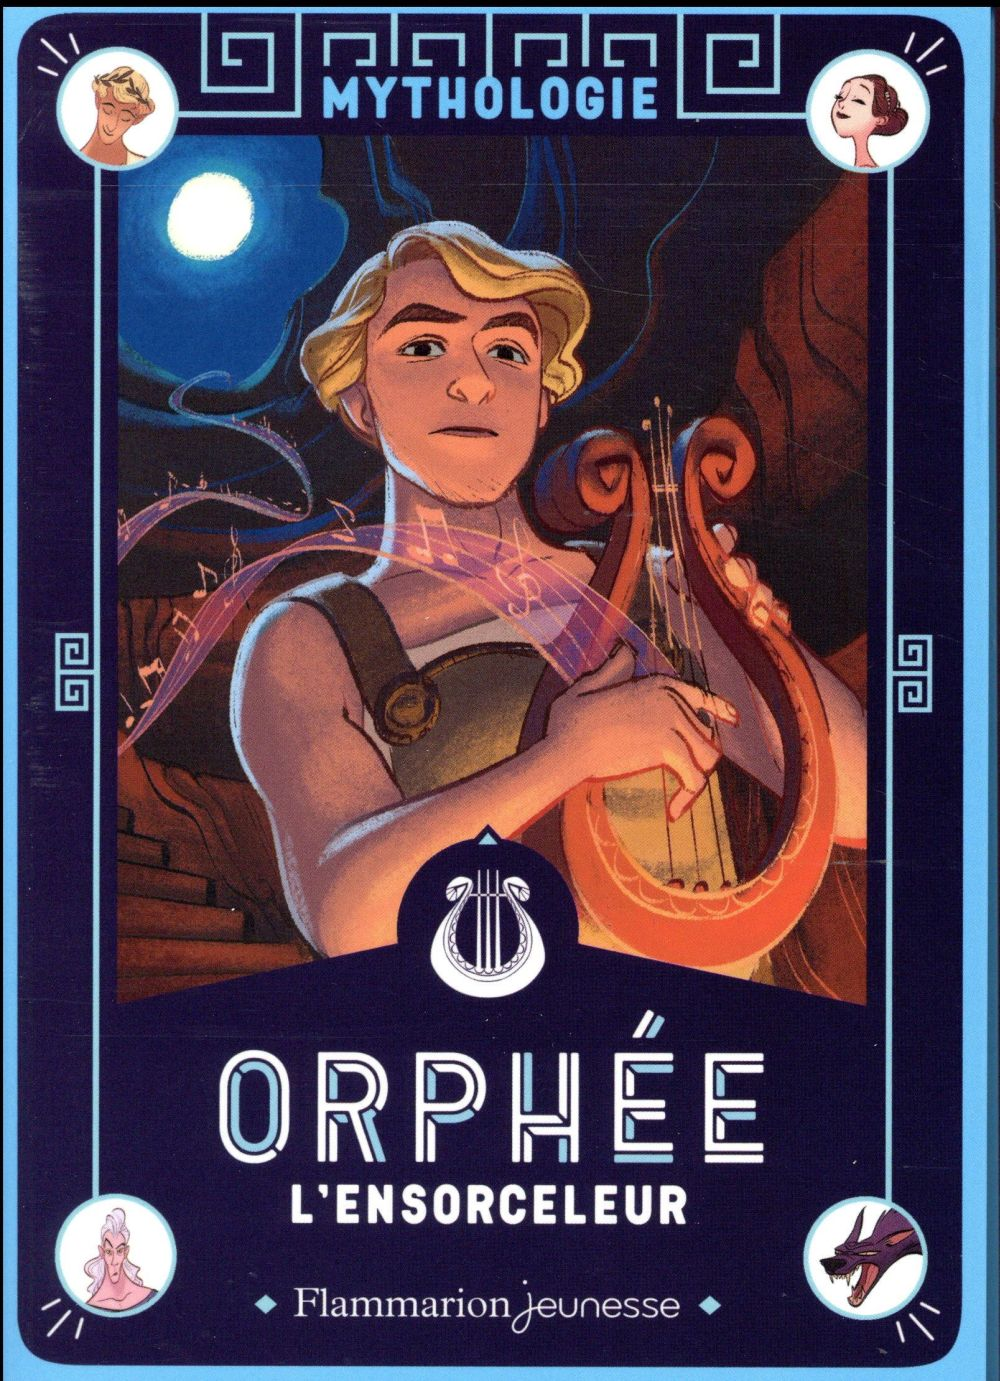 Mythologie ; Orphée l'ensorceleur